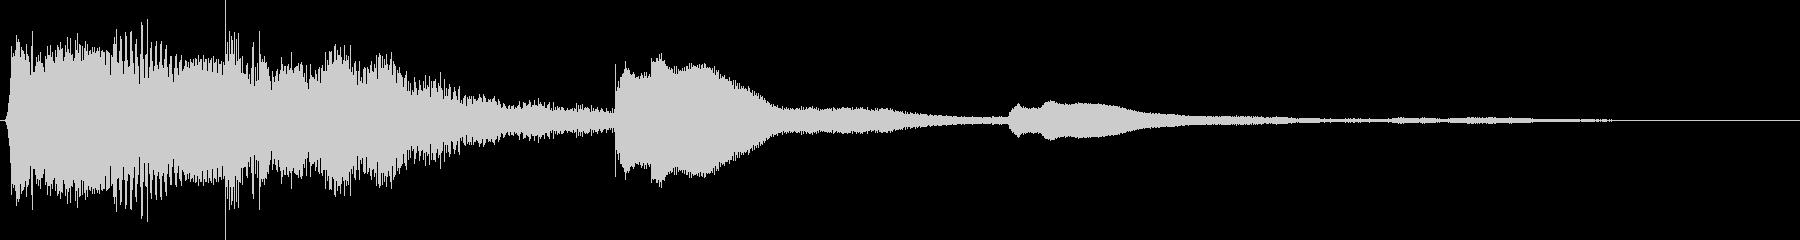 チロン(涼しい鈴の音)の未再生の波形